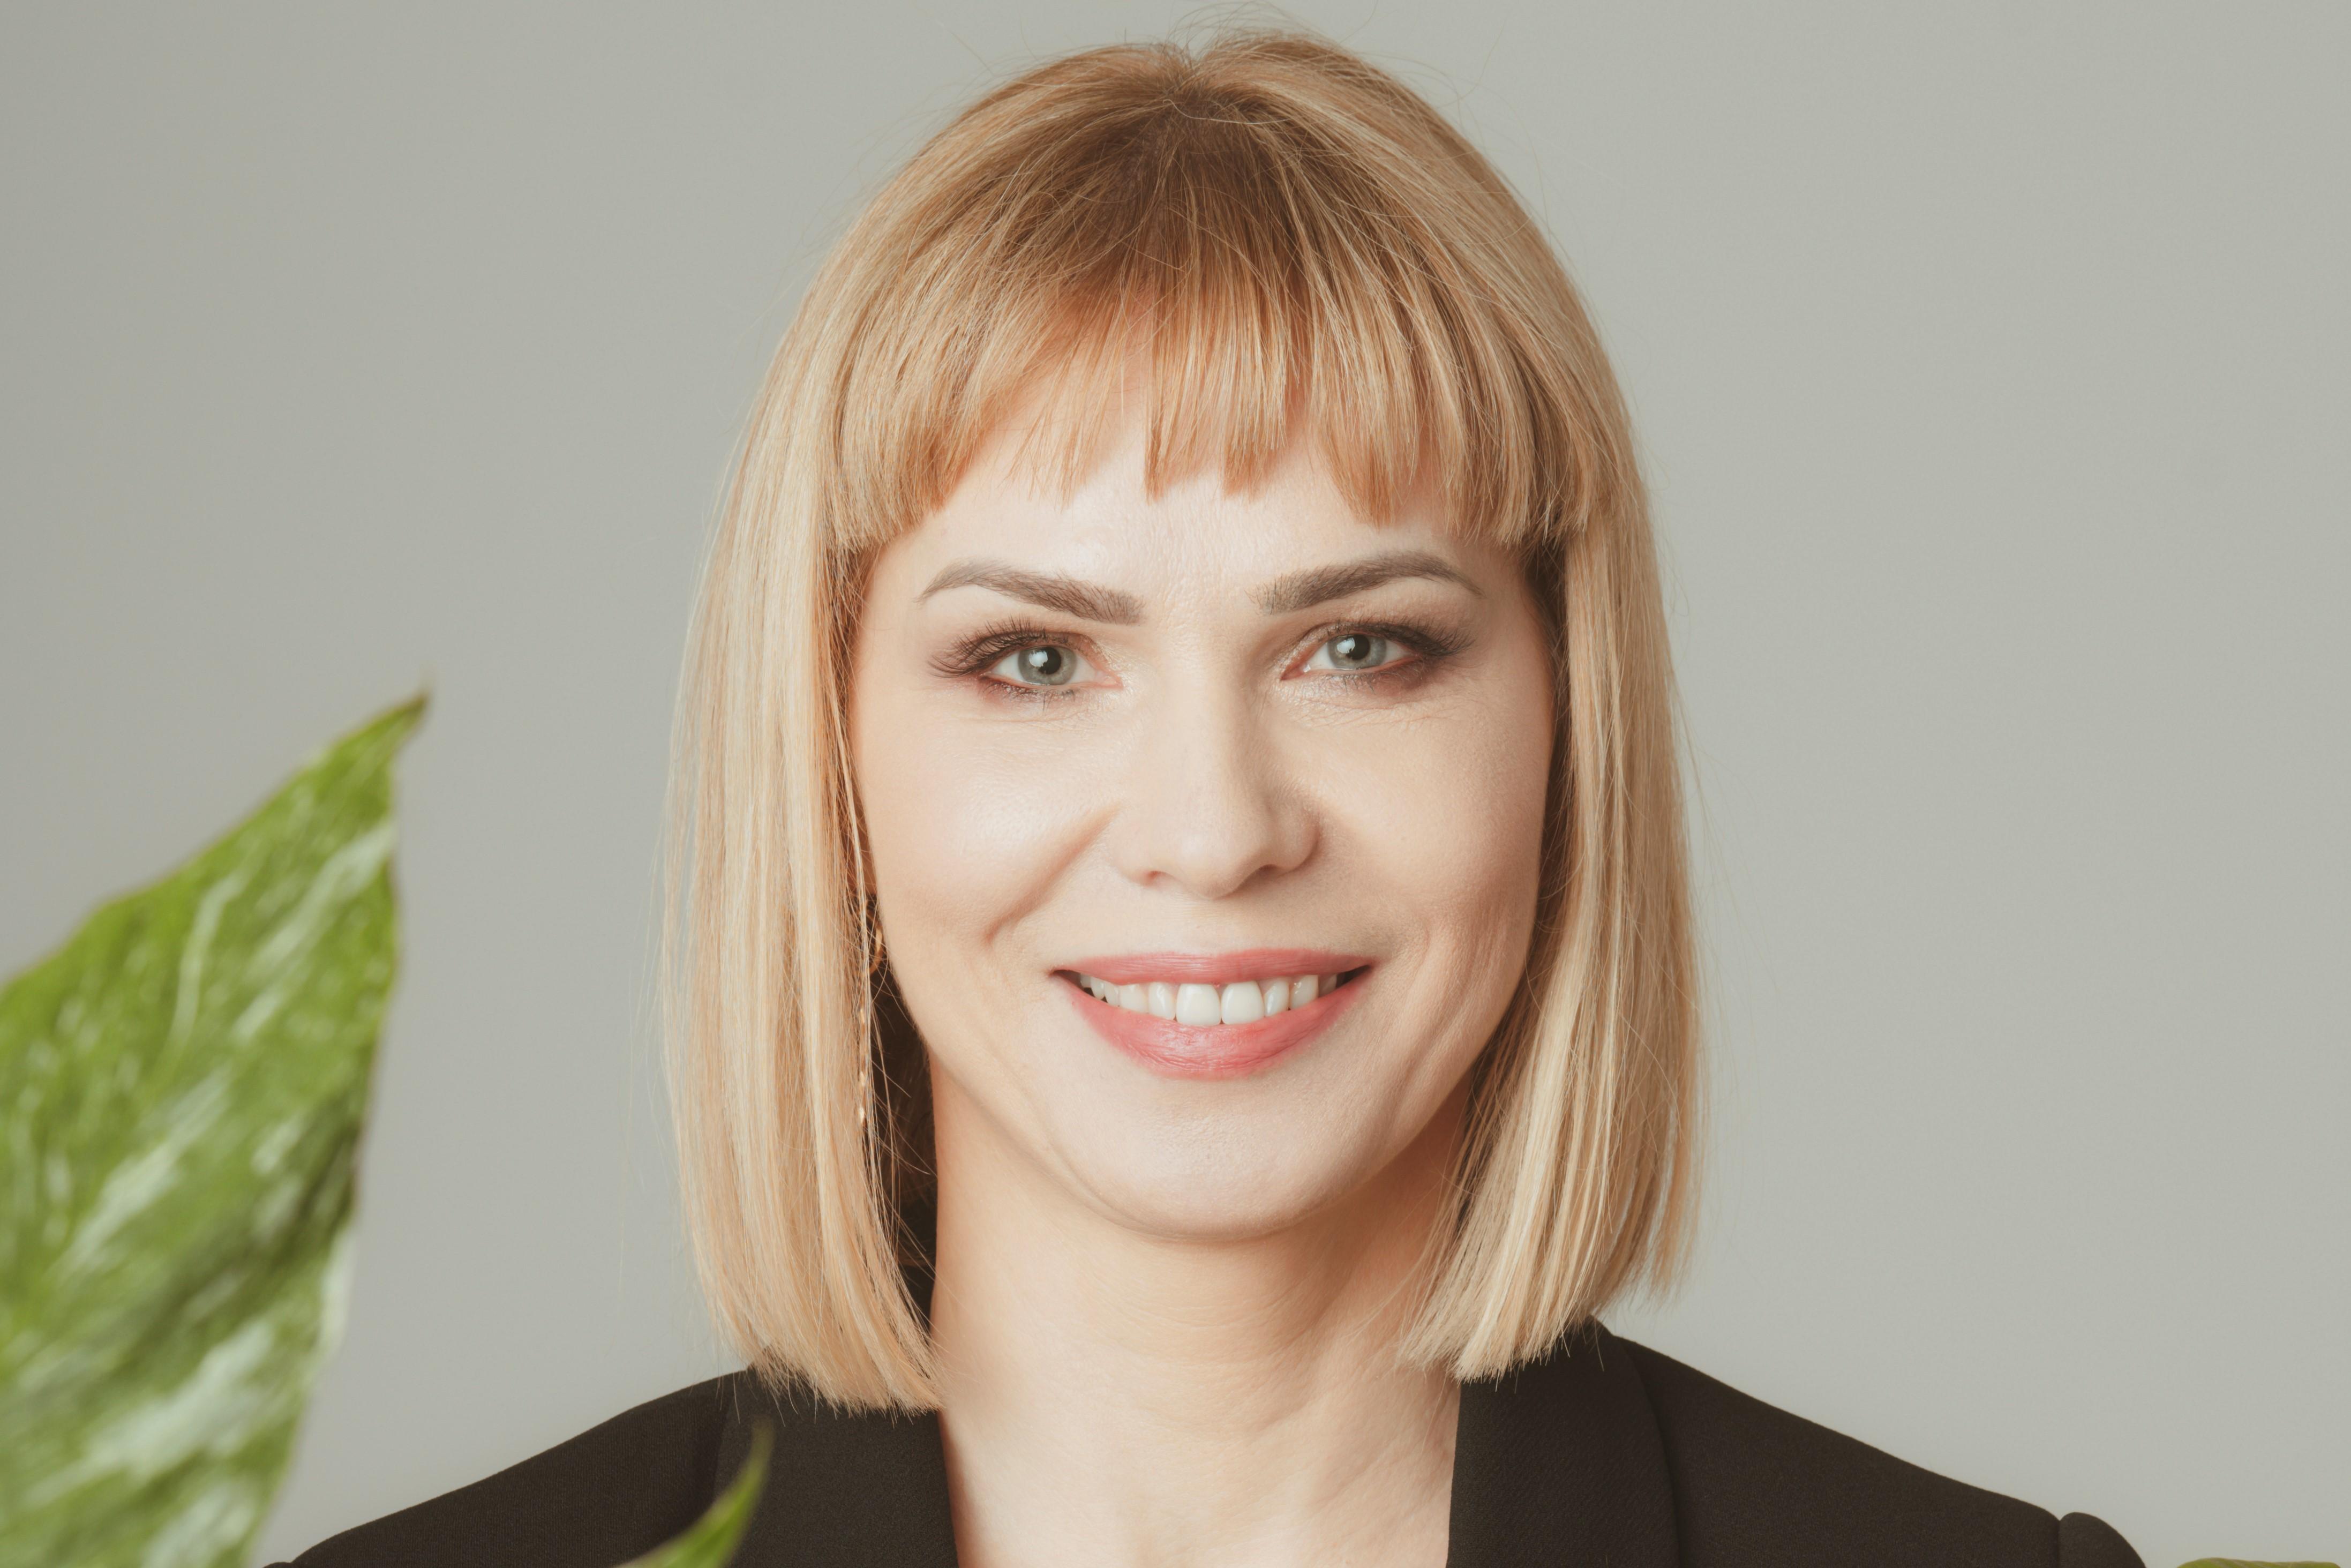 Grażyna Milewska: Świadomość klienta jest wyznacznikiem jakości w gastronomii